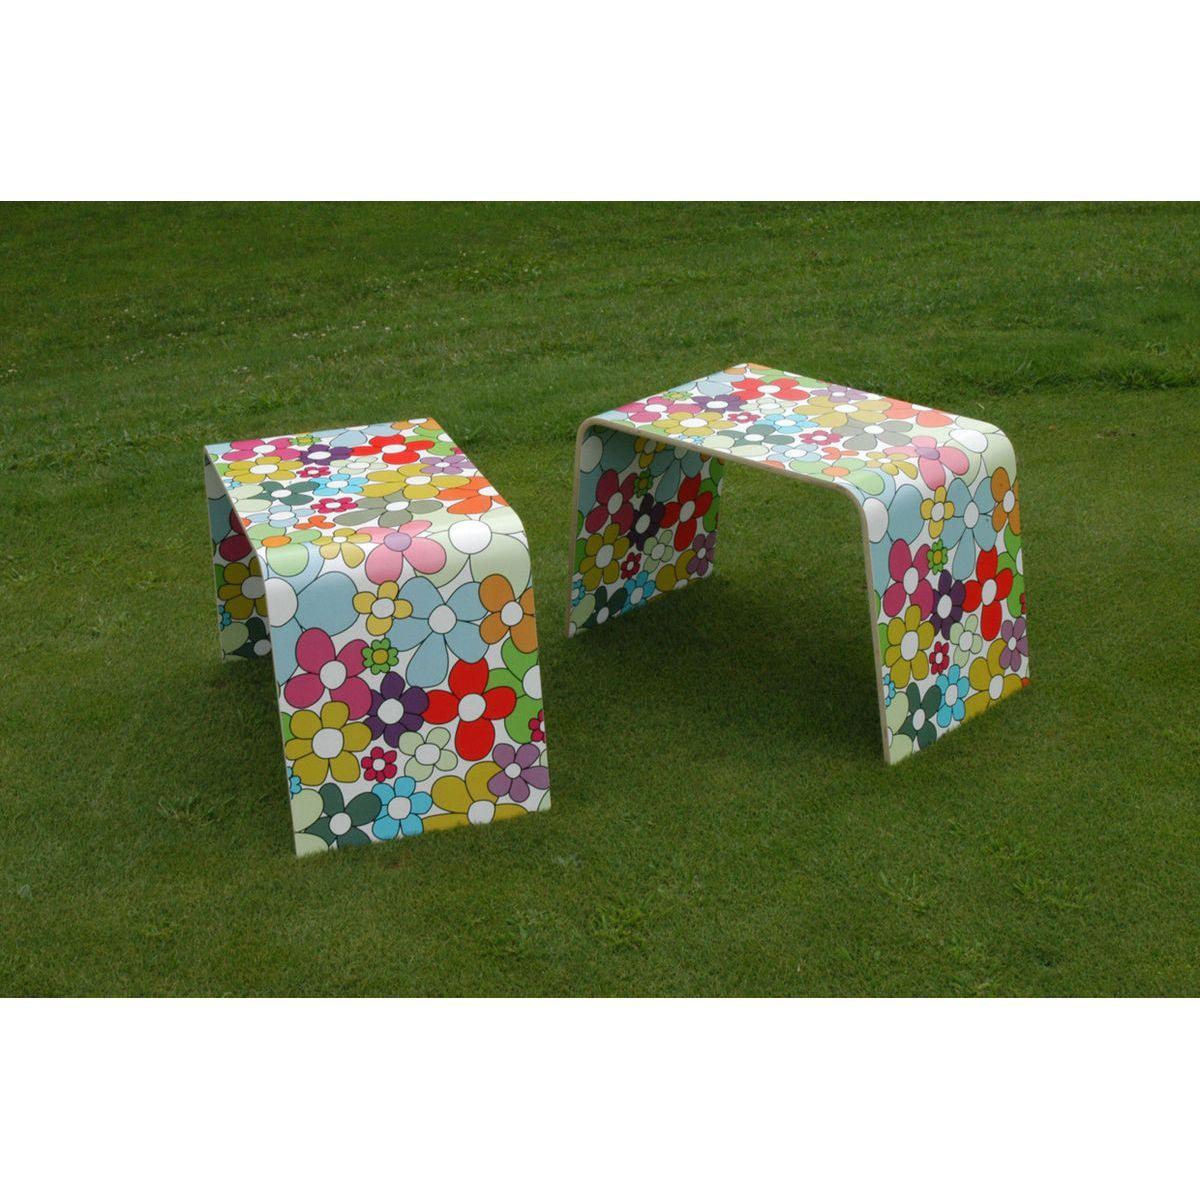 Tavolini bassi monoscocca di faggio rivestito con artwork floreale multicolore